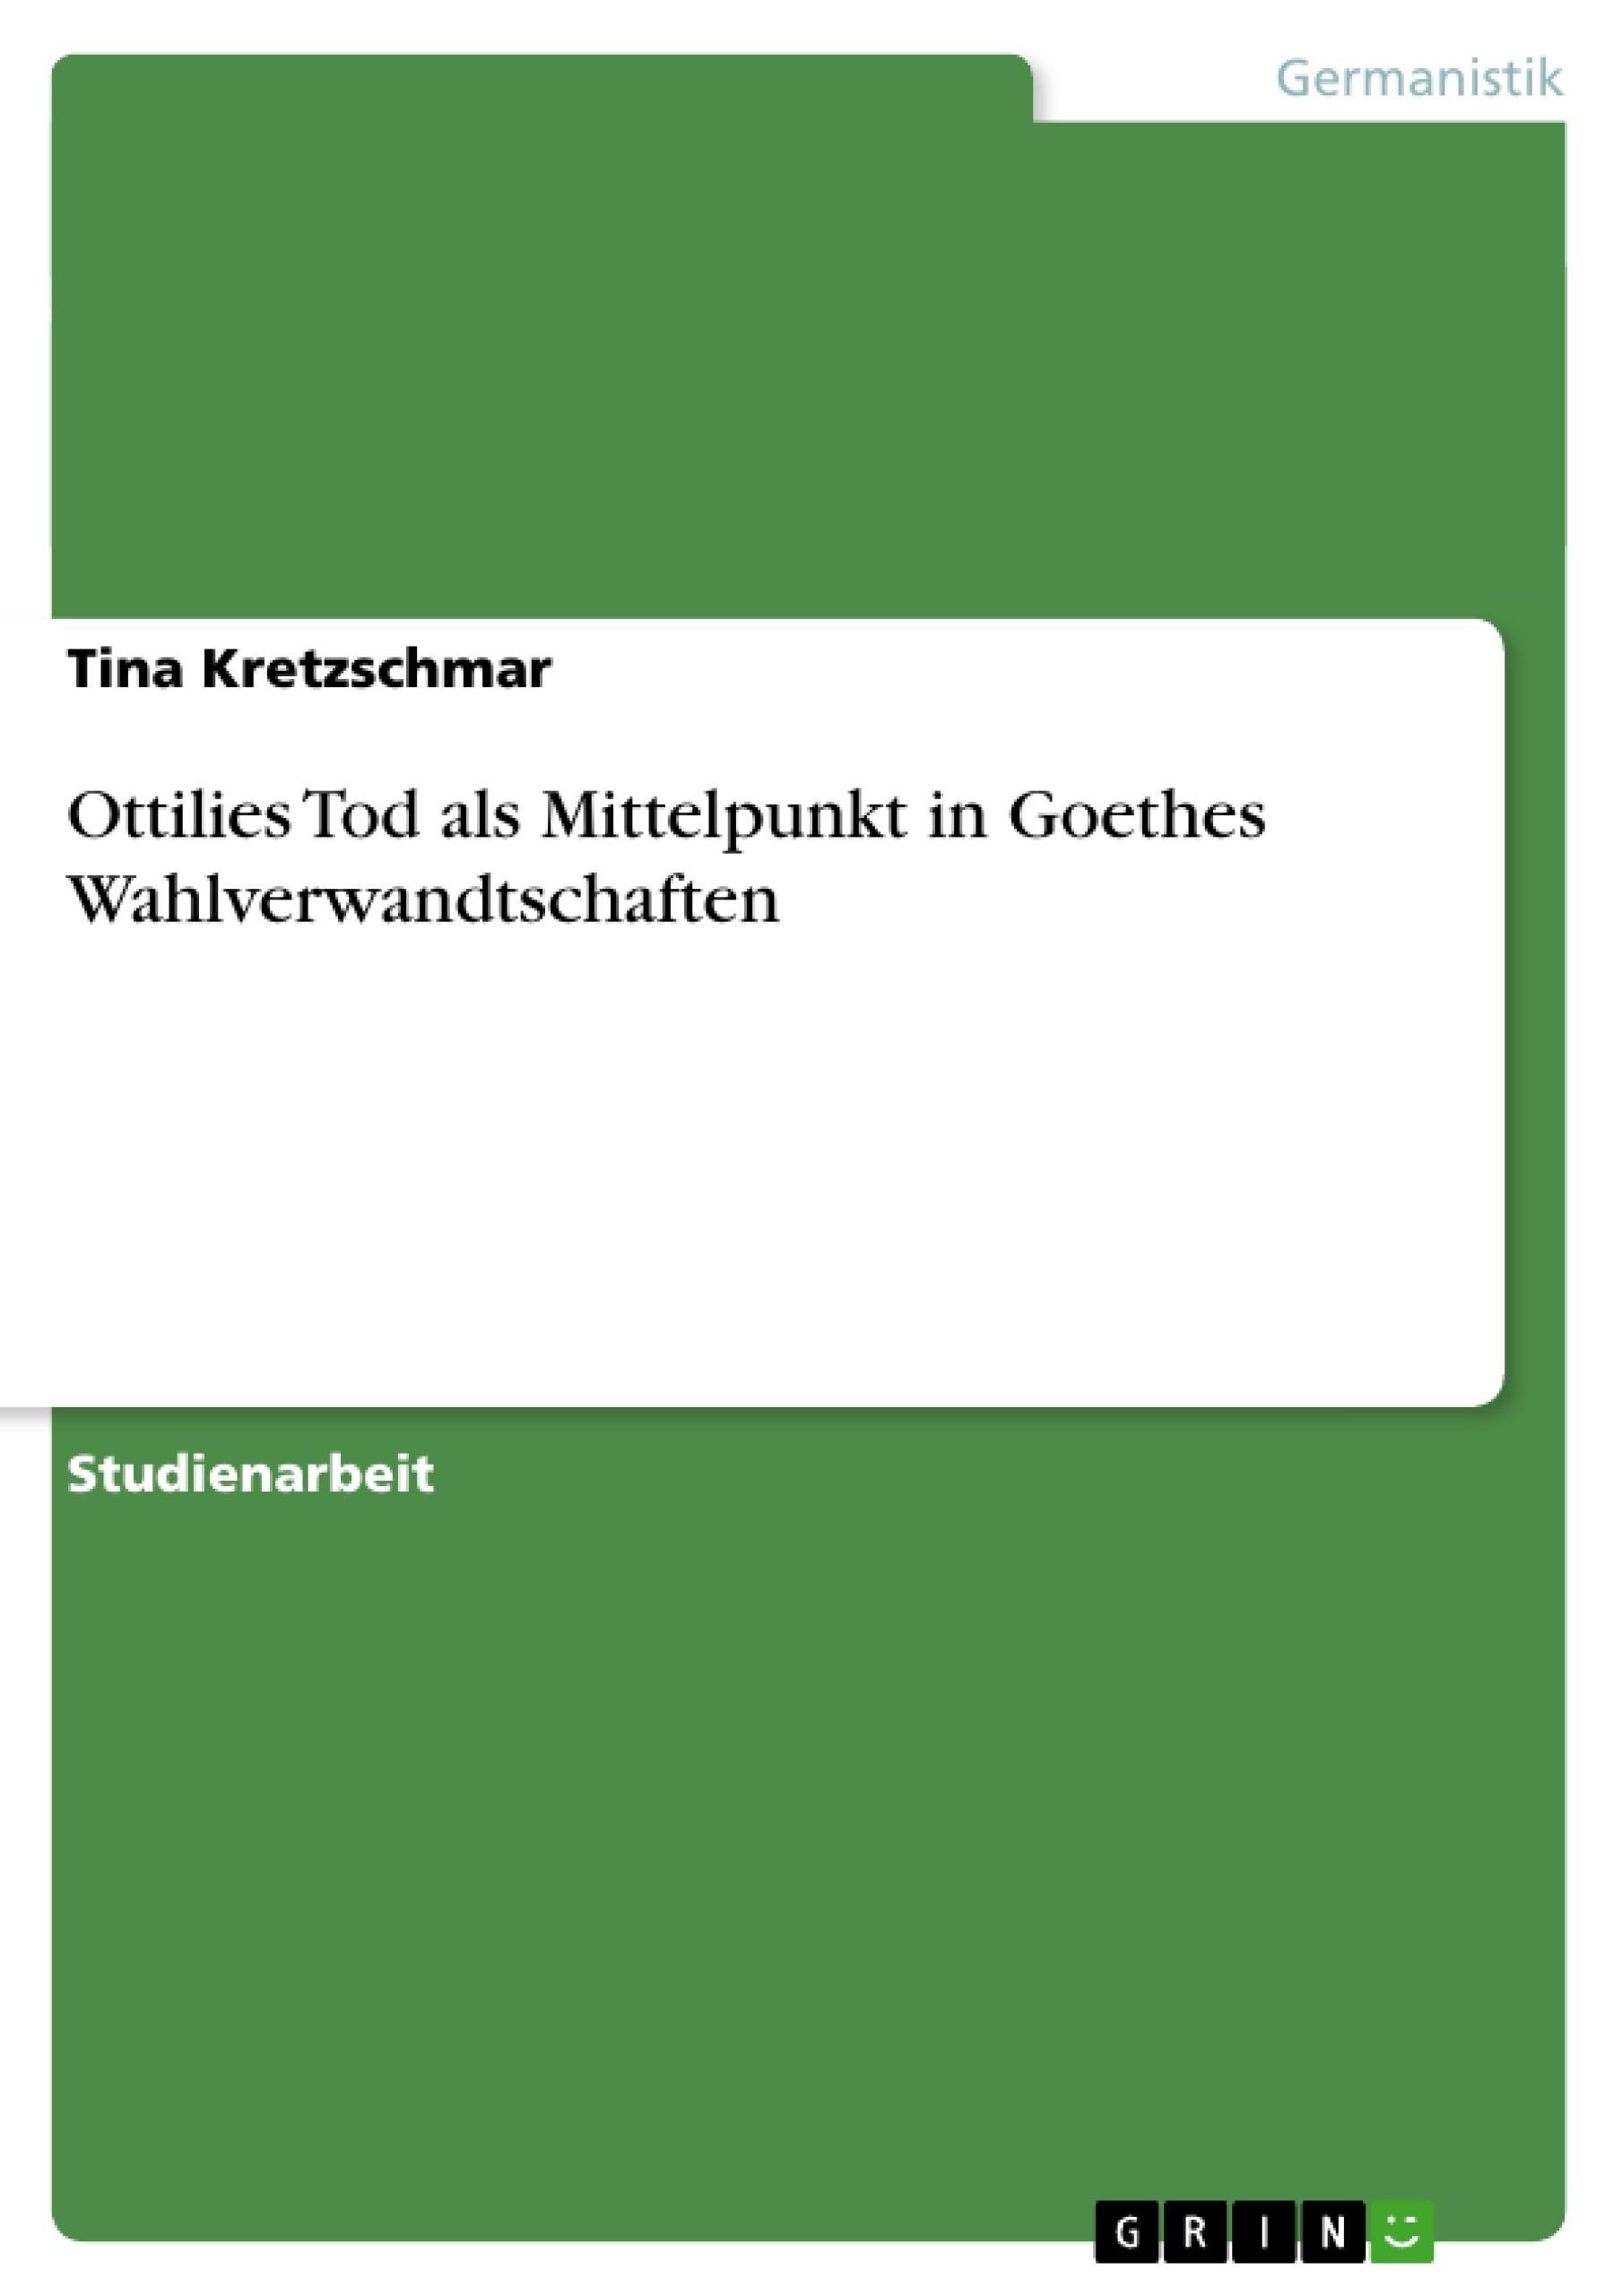 Titel: Ottilies Tod als Mittelpunkt in Goethes Wahlverwandtschaften